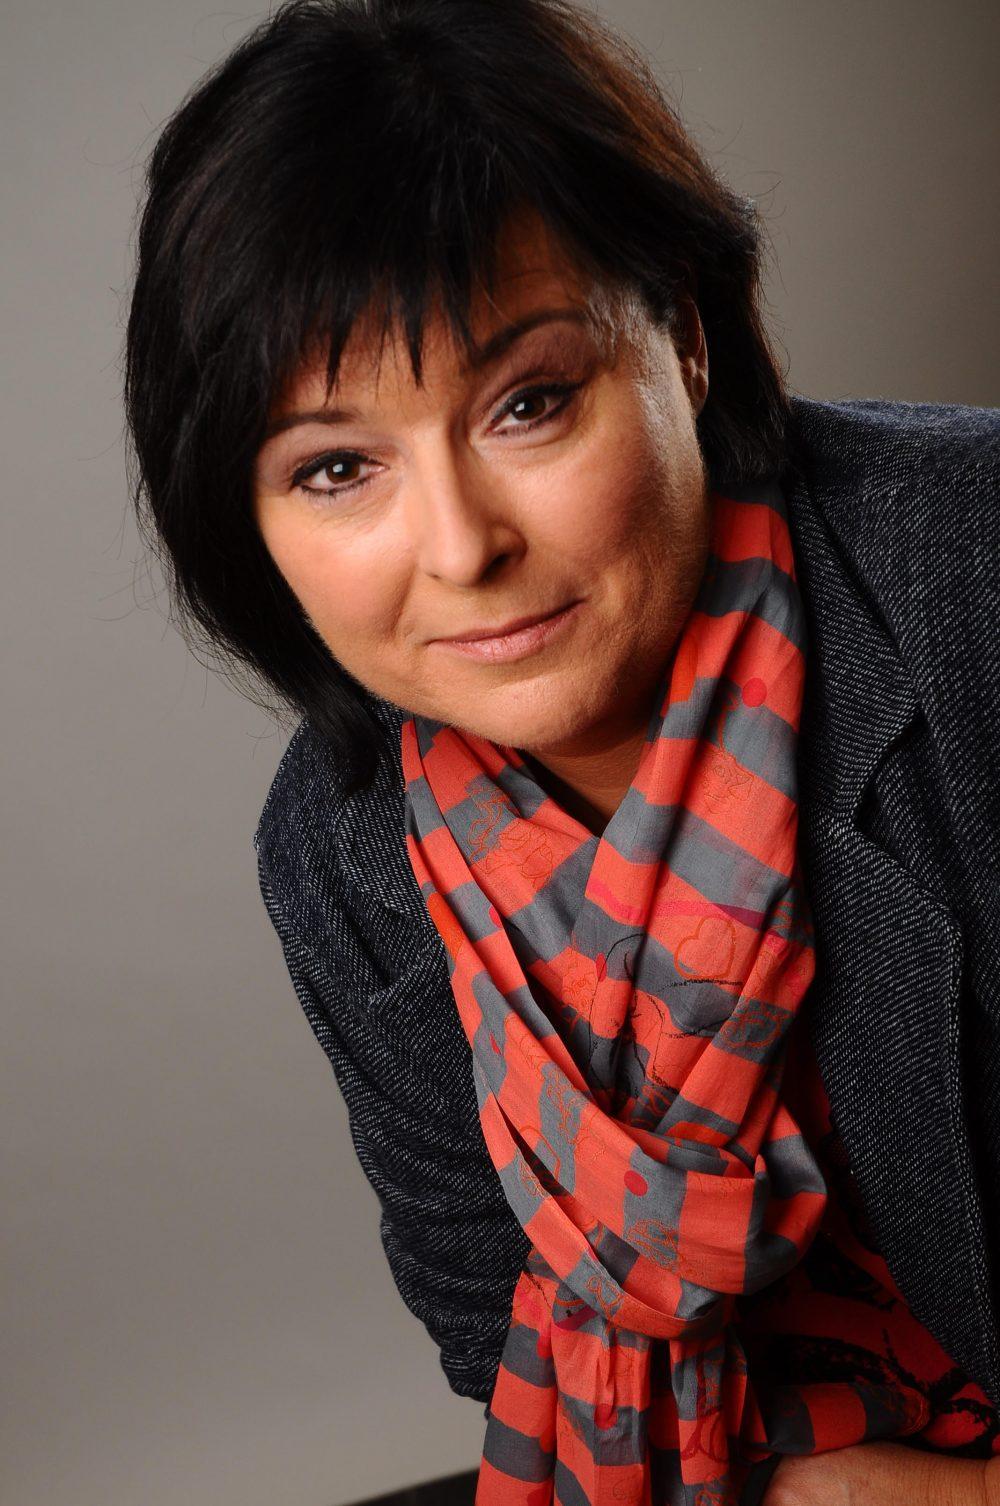 Eike Seibert - Heilpraktikerin aus Landshut - Portrait